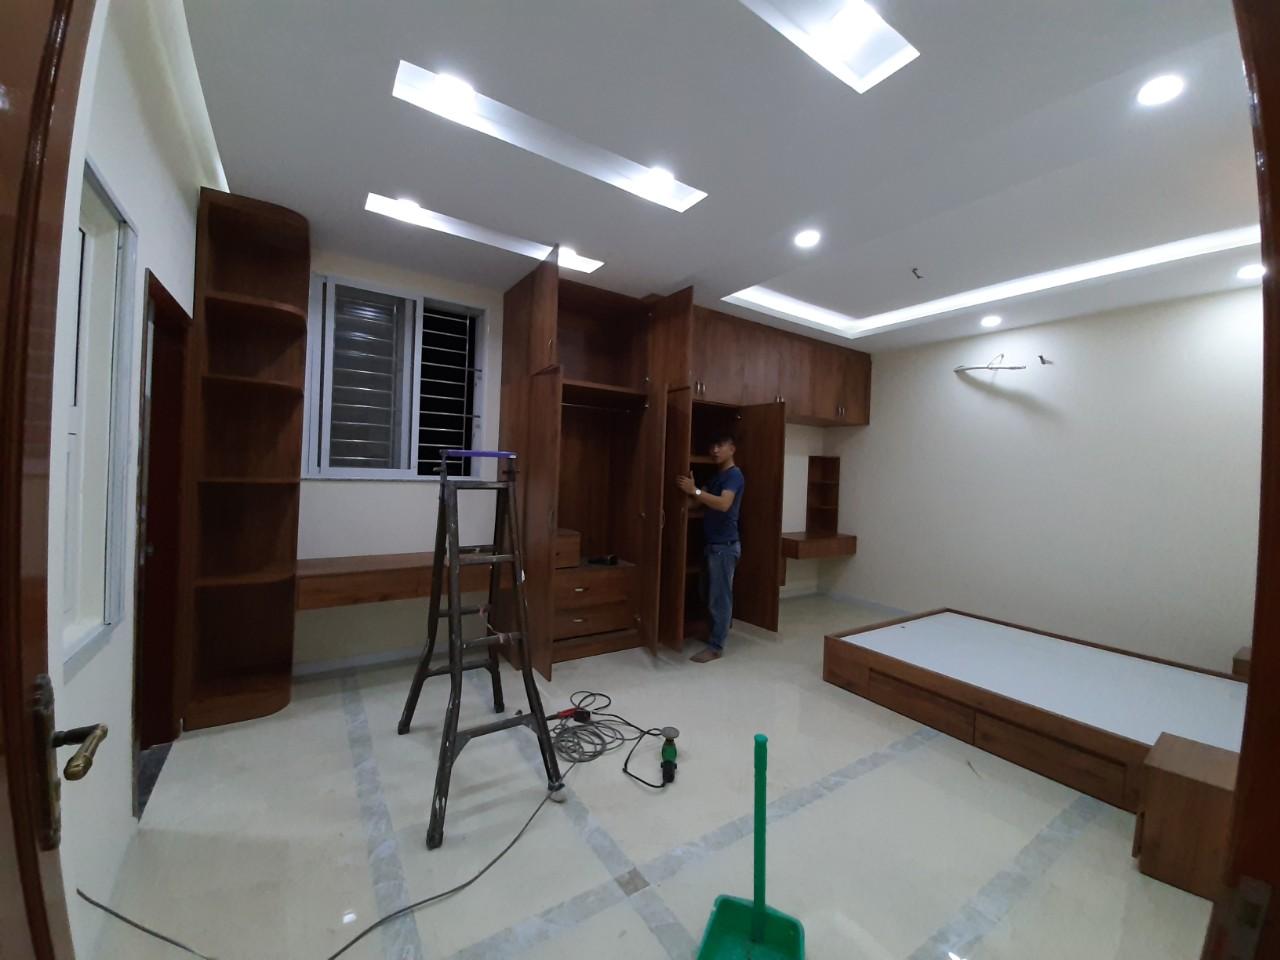 Thiết kế thi công nội thất nhà đẹp hiện đại chị Tám - Tp. Tân An